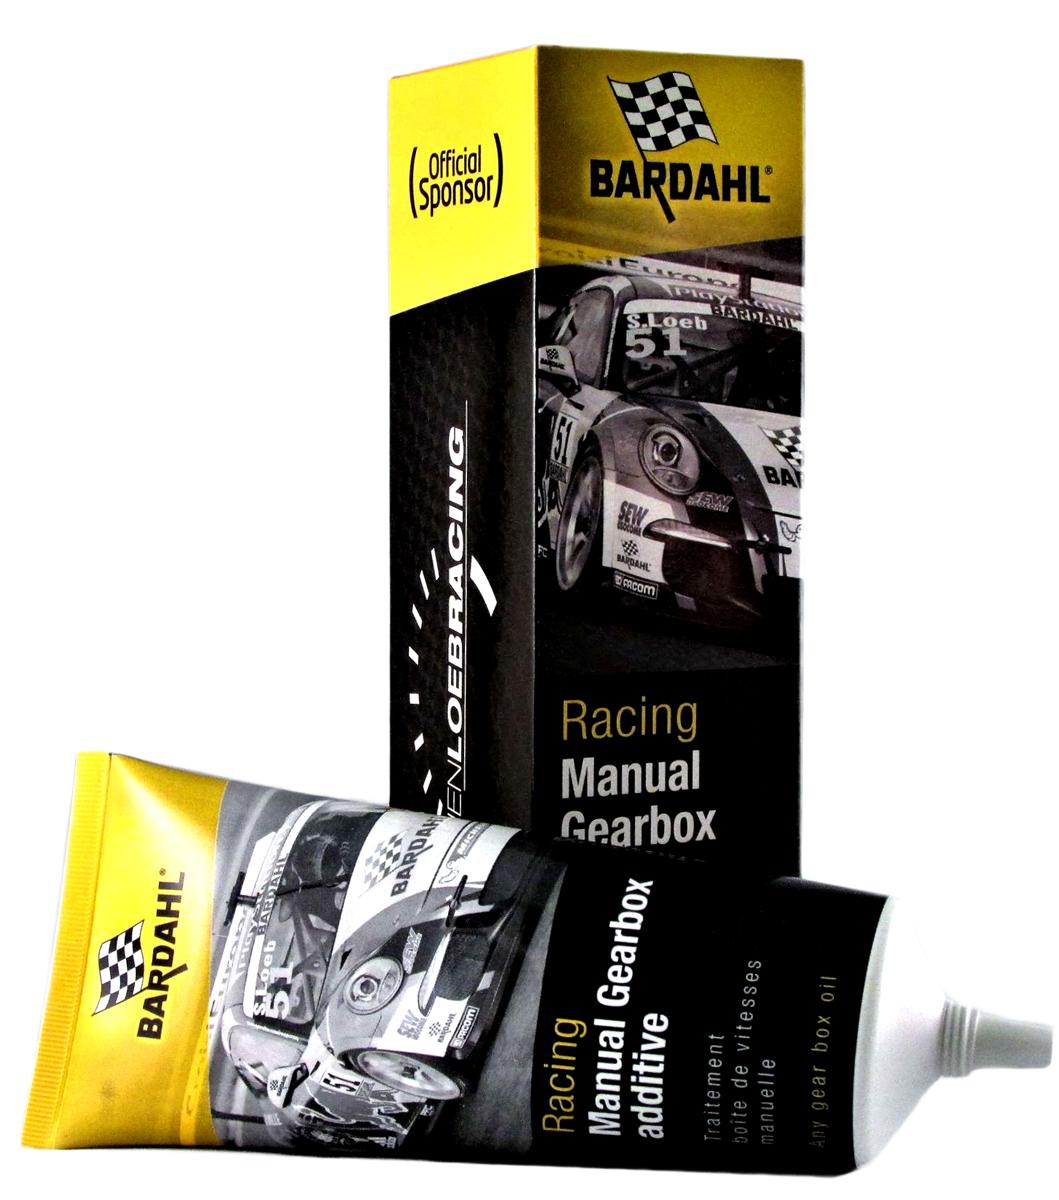 Присадка антифрикционная Bardahl Проспорт. Racing Manual Gear Oil Additive, в МКПП, 150 мл13105Концентрат антифрикционной, противоизносной присадки в трансмиссионное масло Bardahl Racing Manual Gearbox Additive, применяемой для механических трансмиссий, дифференциалов и шестерен. Благодаря использованию формулы Bardahl Polar Plus позволяет улучшить защиту, производительность и эффективность механической системы трансмиссии. Присадка совместима со всеми синтетическими, полусинтетическими и минеральными трансмиссионными маслами, соответствующими классификациям API GL-4 и GL-5. Присадку так же можно добавлять в масла, соответствующие стандартам DEXRON, применяется исключительно в махенических коробках передач и дифференциалах. Разработана и испытана совместно с командой Sebastien Loeb Racing.